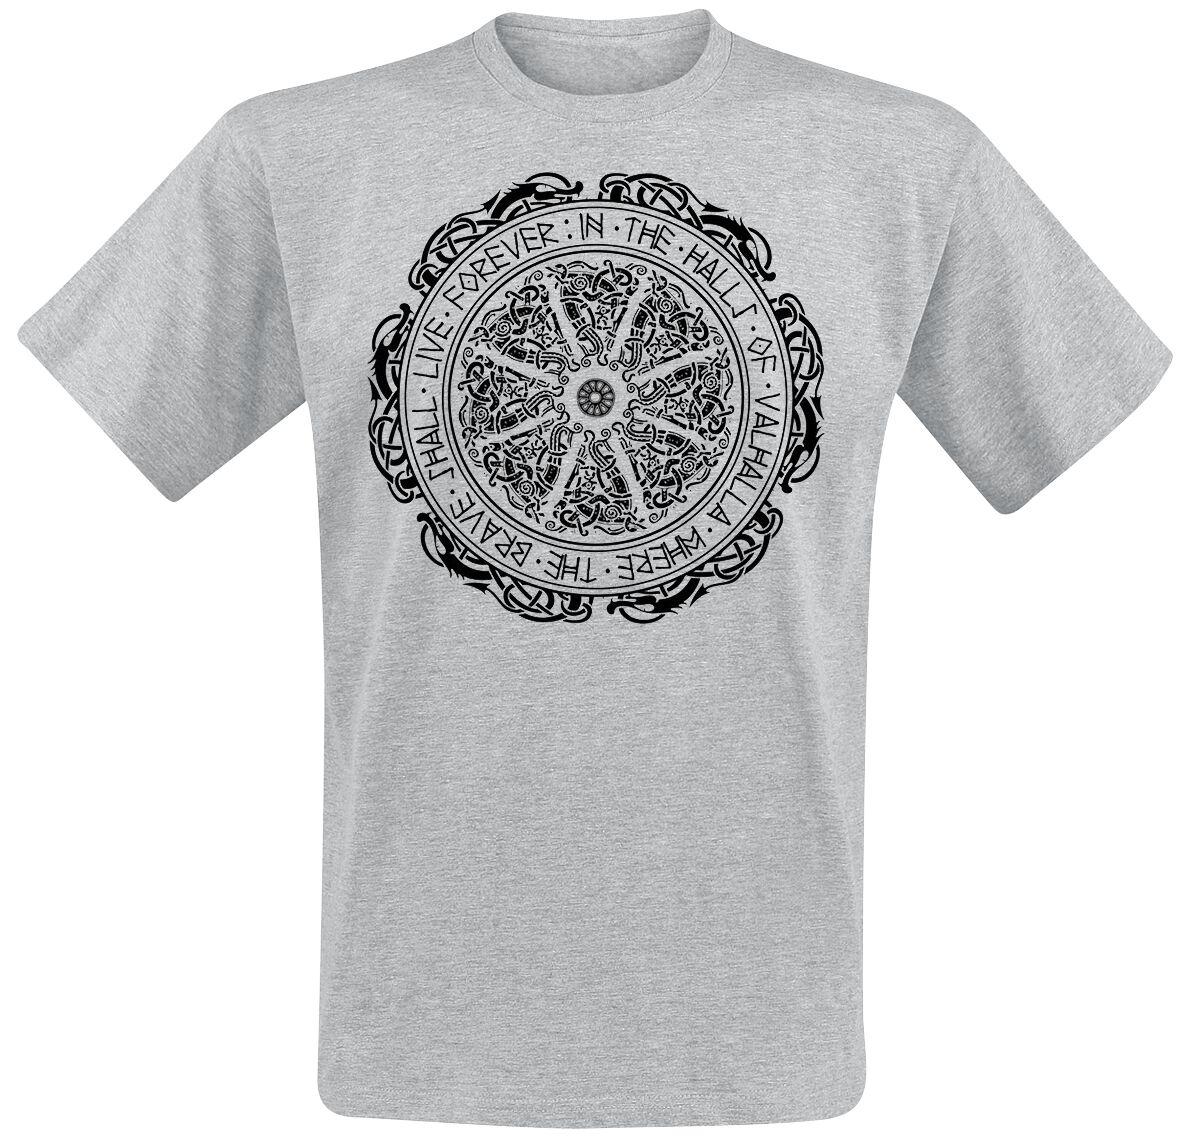 Motyw - Koszulki - T-Shirt Ancient Shield T-Shirt odcienie szarego - 370349